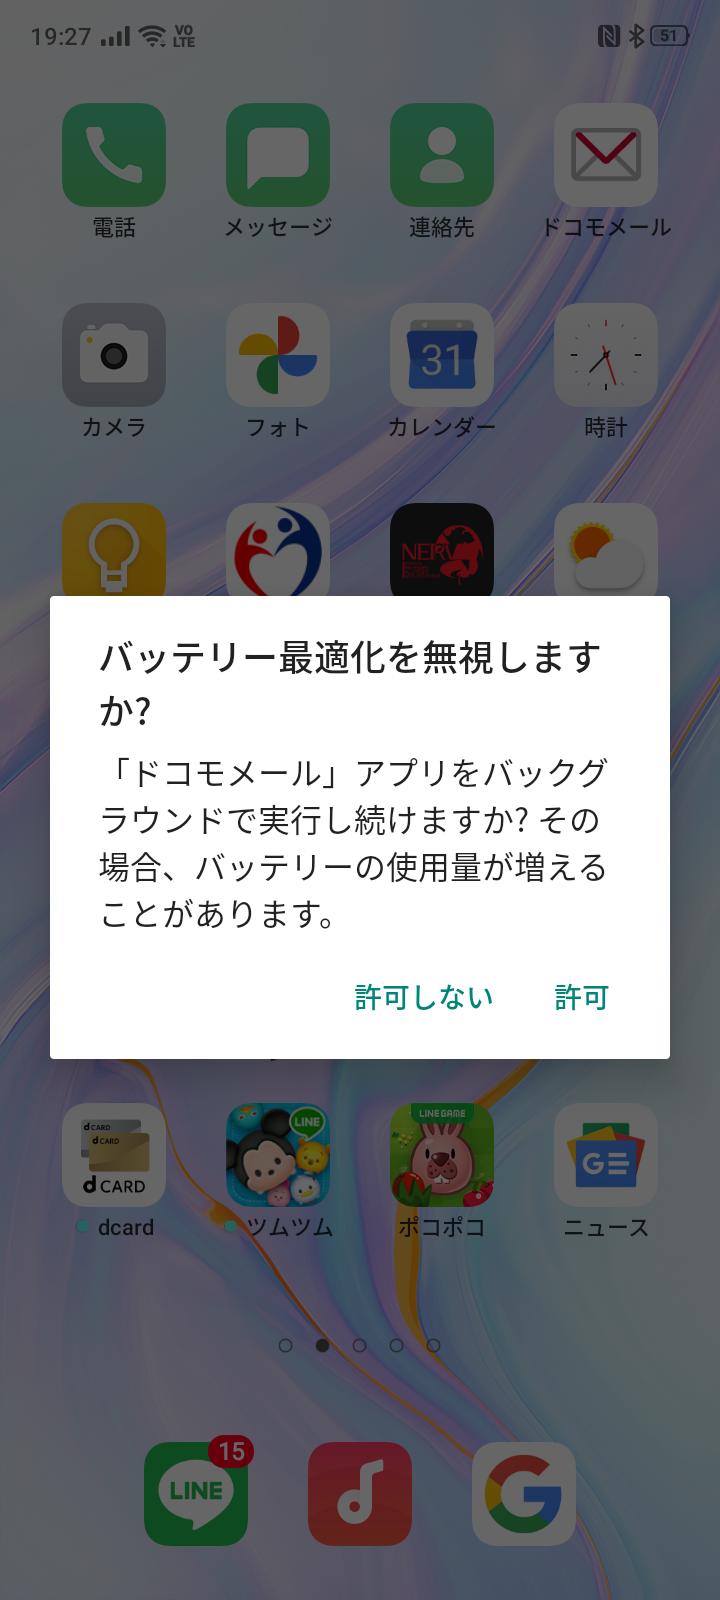 f:id:Azusa_Hirano:20200805220723p:plain